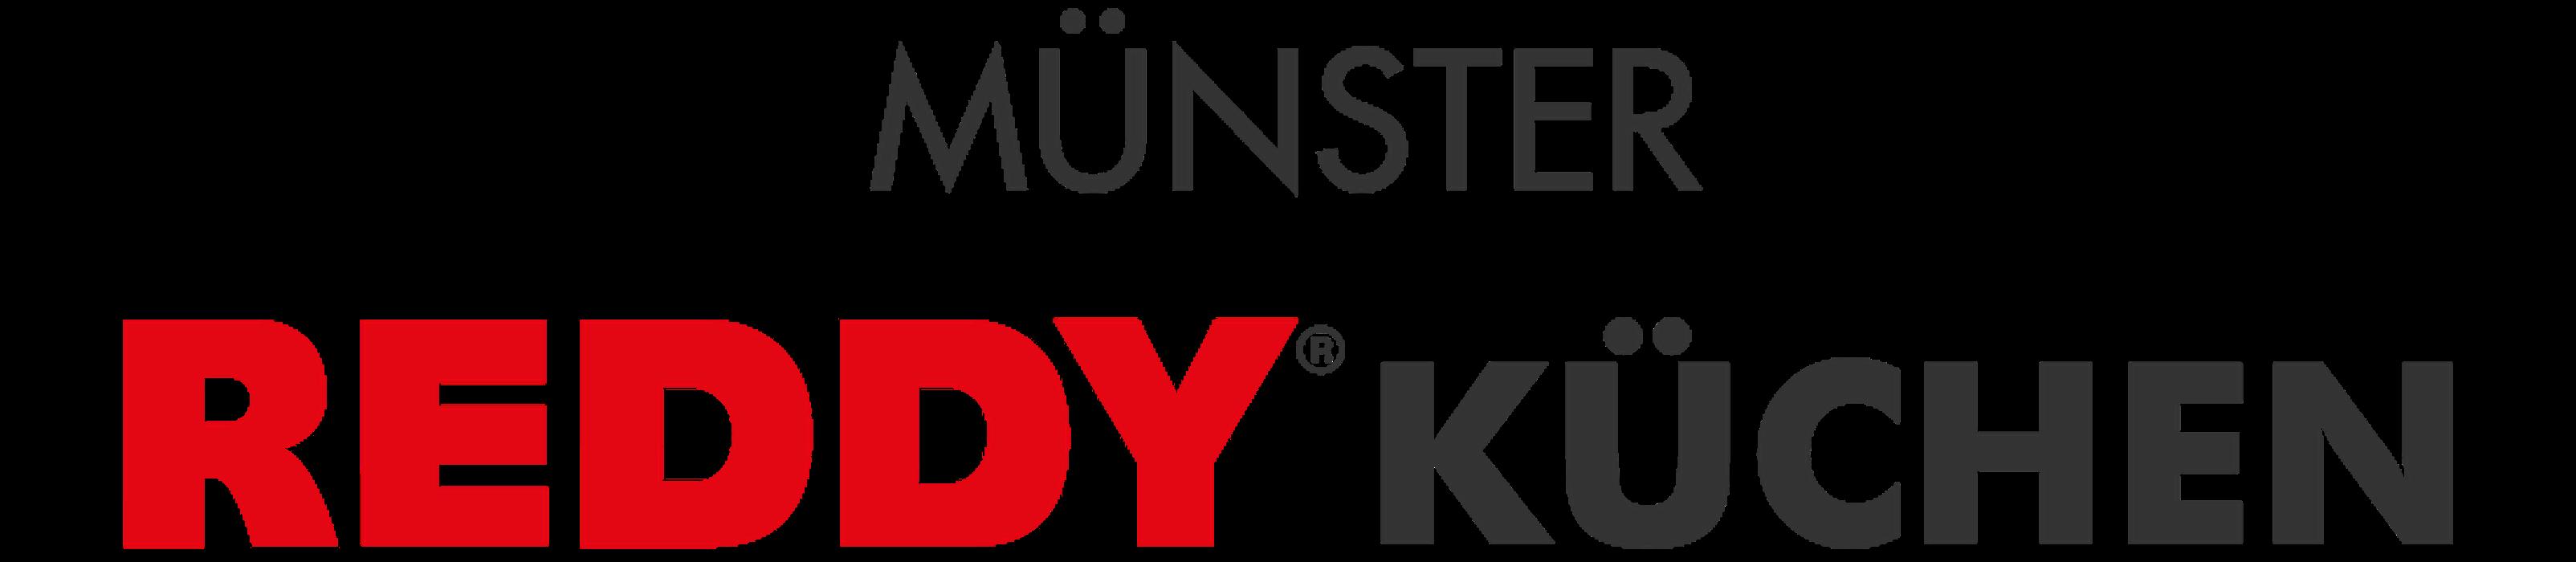 REDDY Küchen Münster • Münster, An der Kleimannbrücke 1 ...